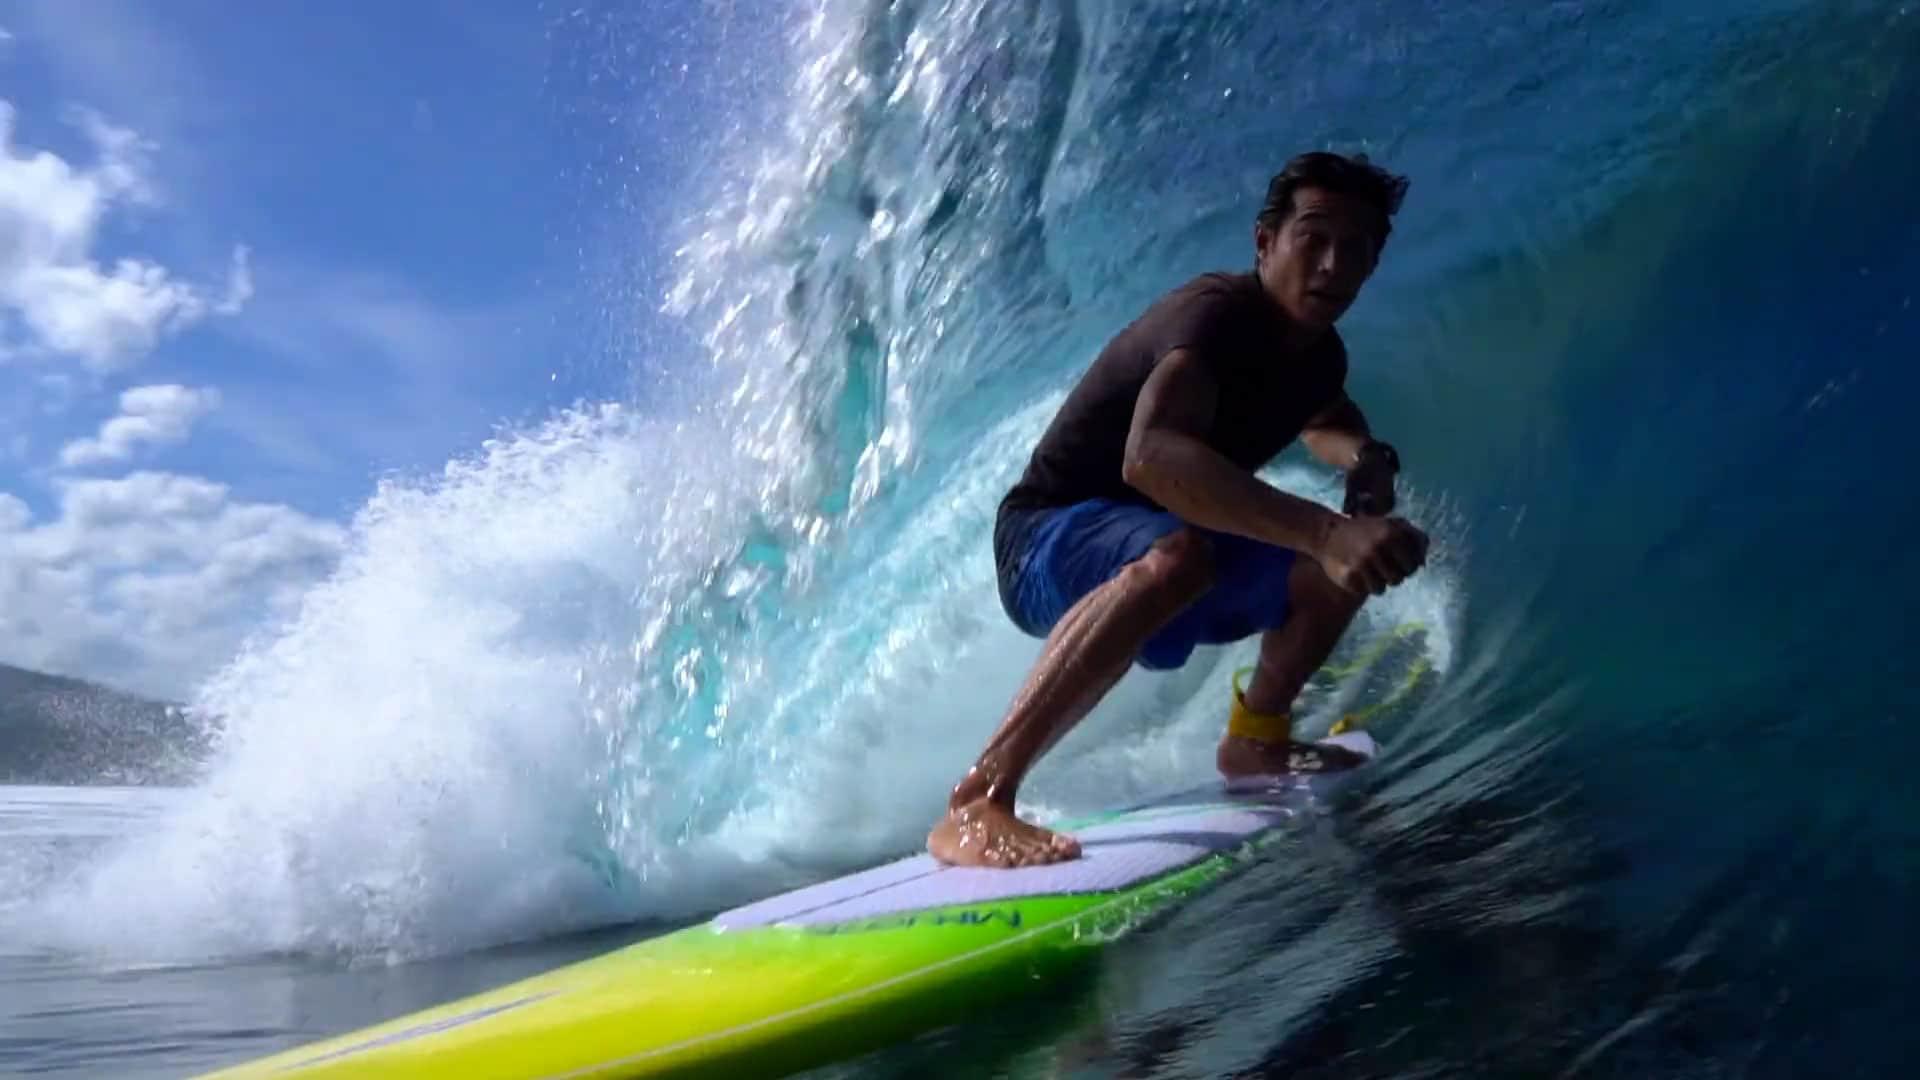 Nouvelle vidéo stand up paddle Moemoea de F-One